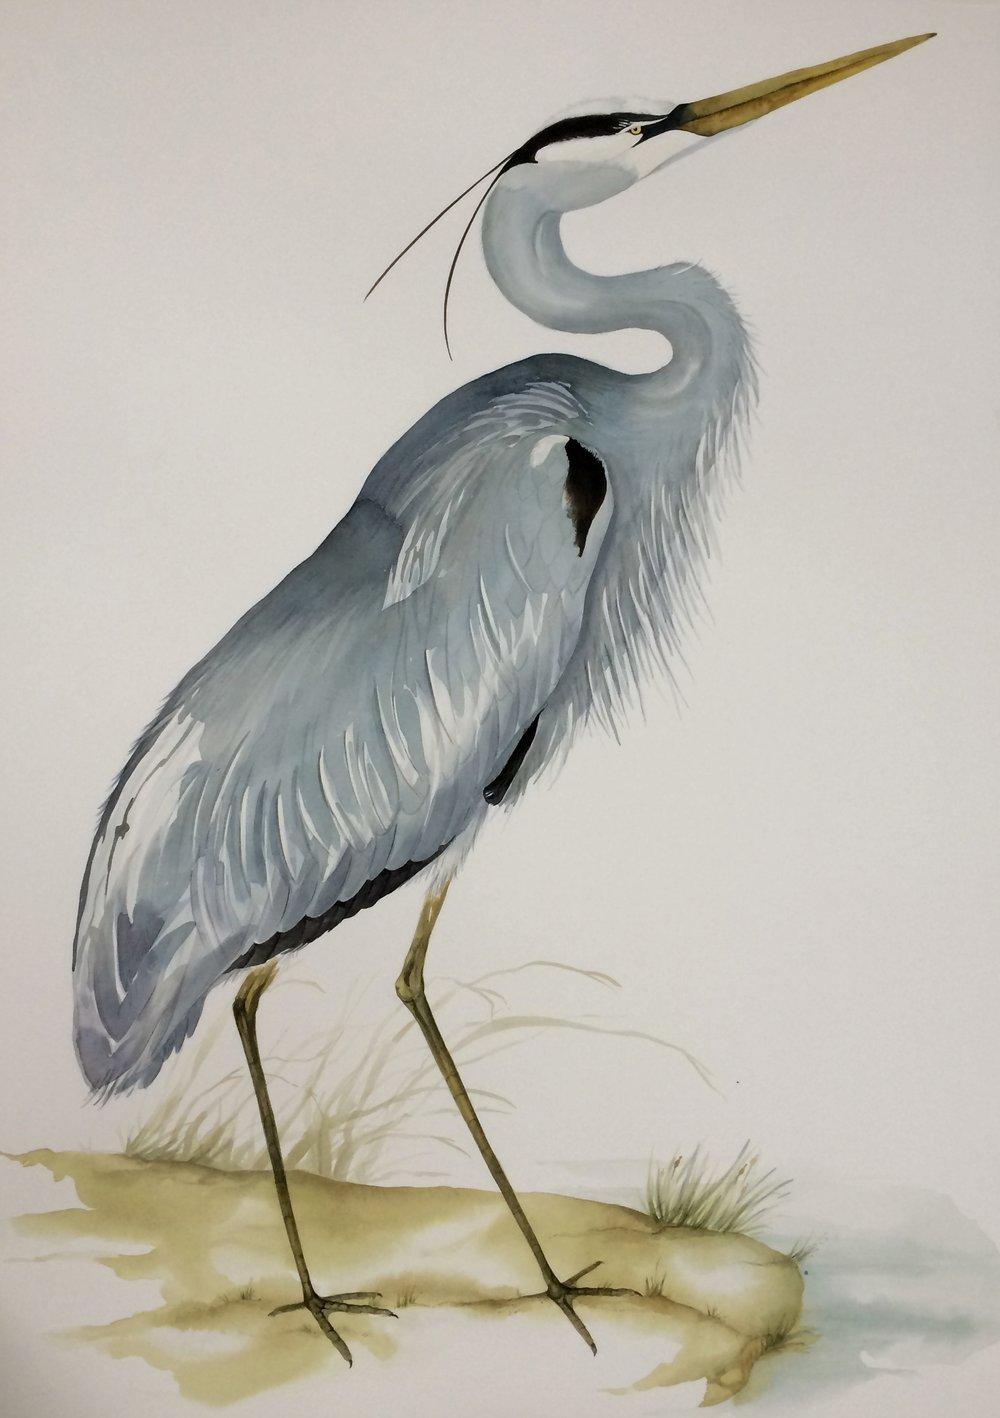 Idoline Duke  Blue Heron II  watercolor on paper 41 x 30 in.